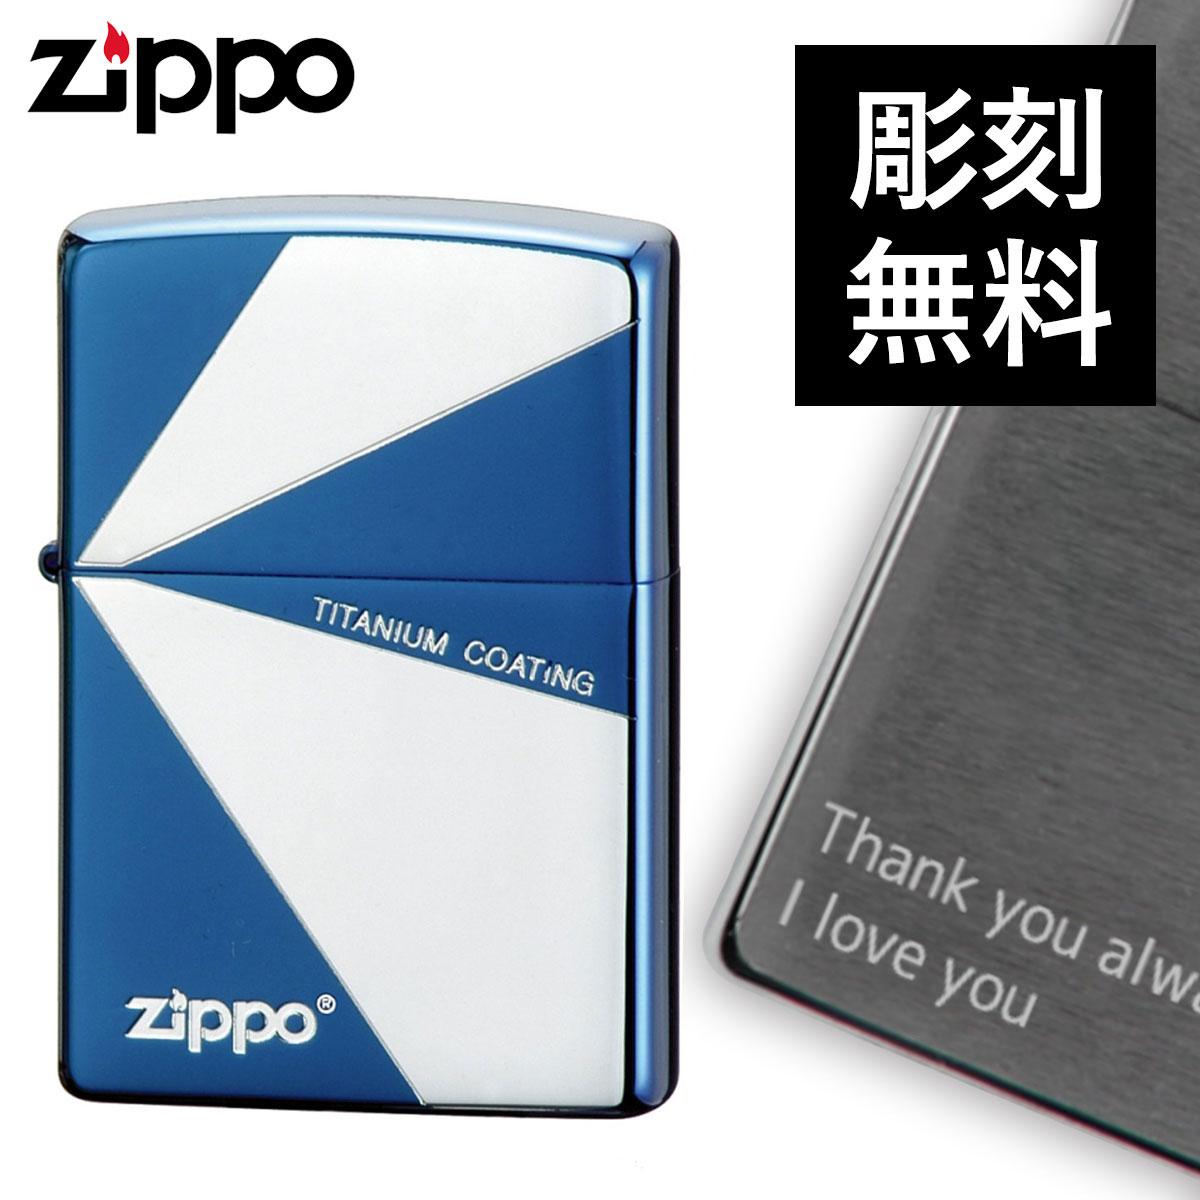 注目の 名入れ ネーム 彼氏 対応 zippo zippo 名入れ C ジッポー ライター チタン キズがつきにくい TNB C ギフト プレゼント 贈り物 返品不可 オイルライター ジッポライター 彼氏 男性 メンズ 喫煙具, アグリファーム高知:4a444a63 --- canoncity.azurewebsites.net